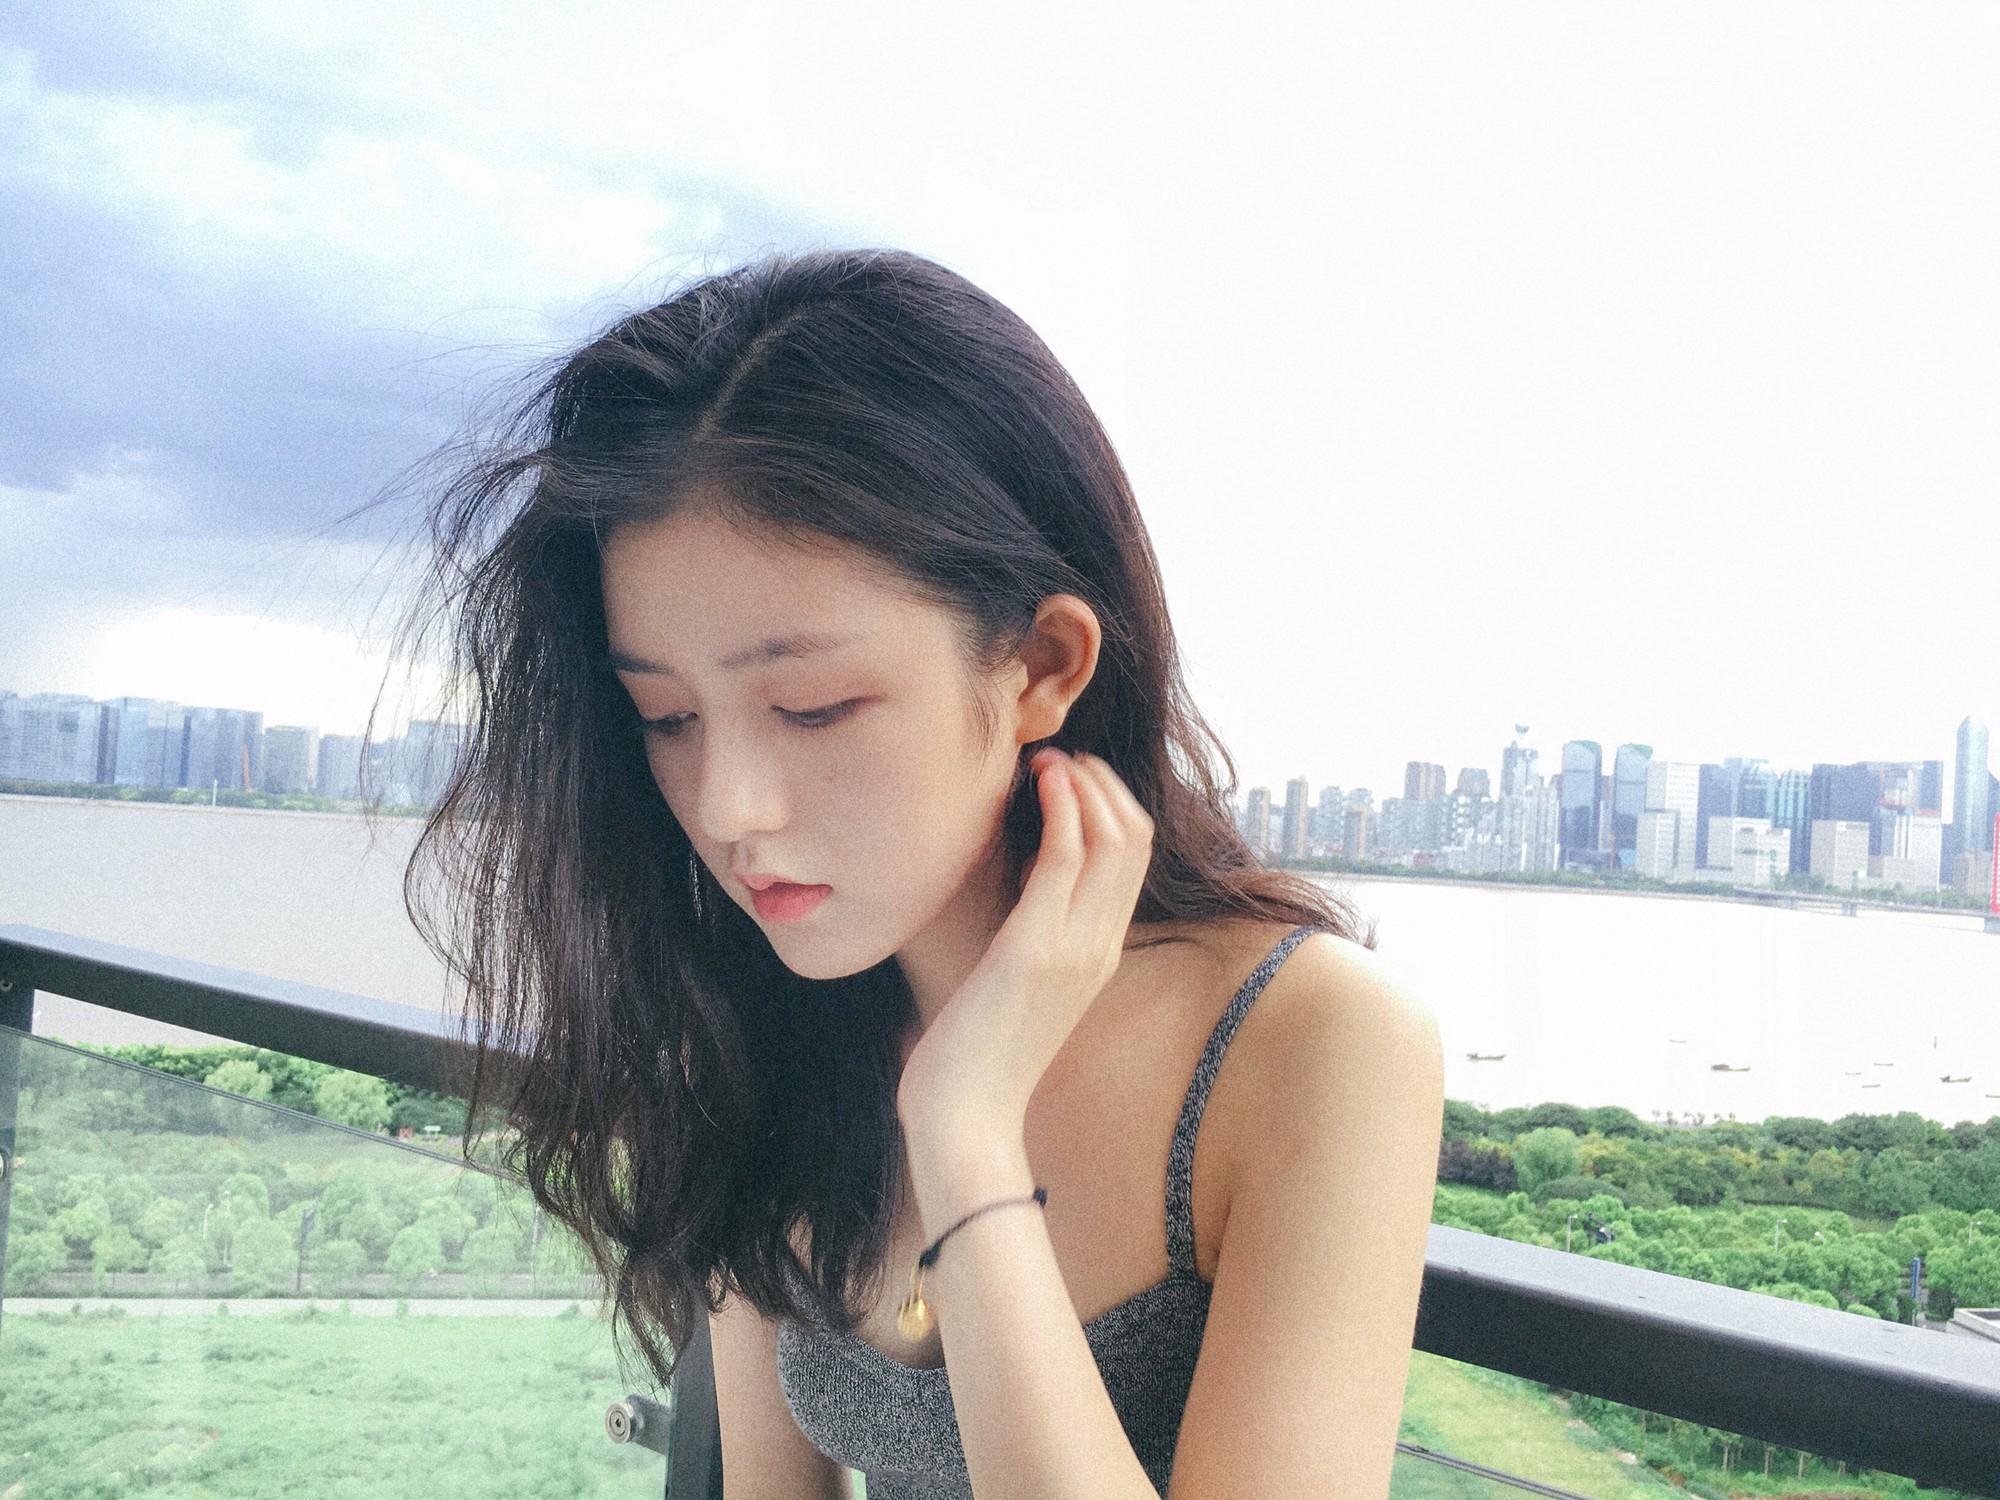 Quá xinh đẹp, cô bạn Trung Quốc khiến các chàng trai thi nhau nhận vơ là người yêu - Ảnh 13.